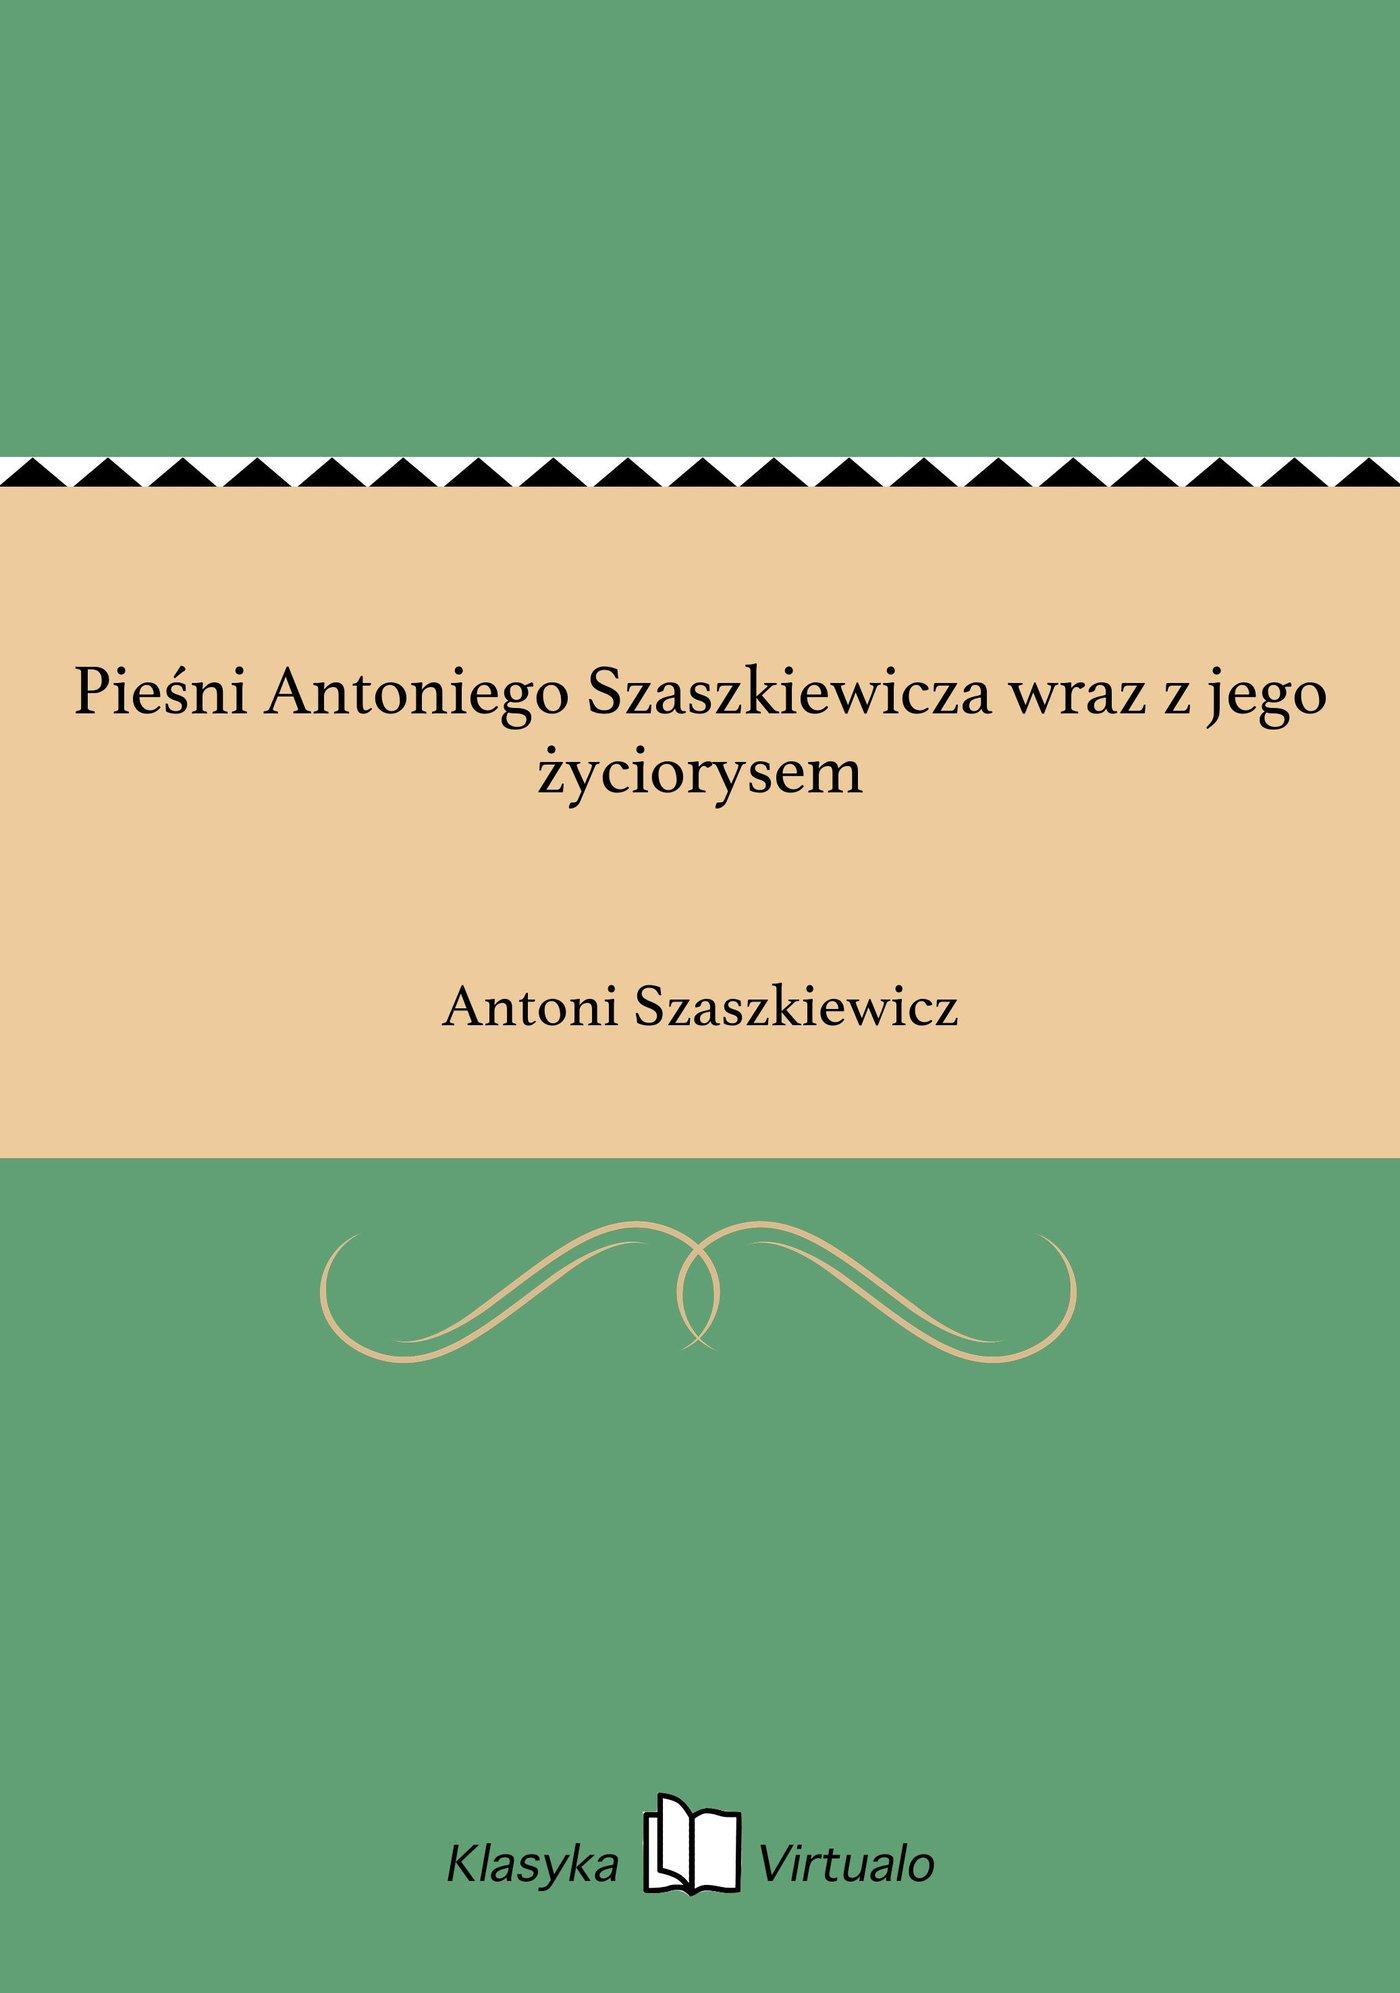 Pieśni Antoniego Szaszkiewicza wraz z jego życiorysem - Ebook (Książka EPUB) do pobrania w formacie EPUB